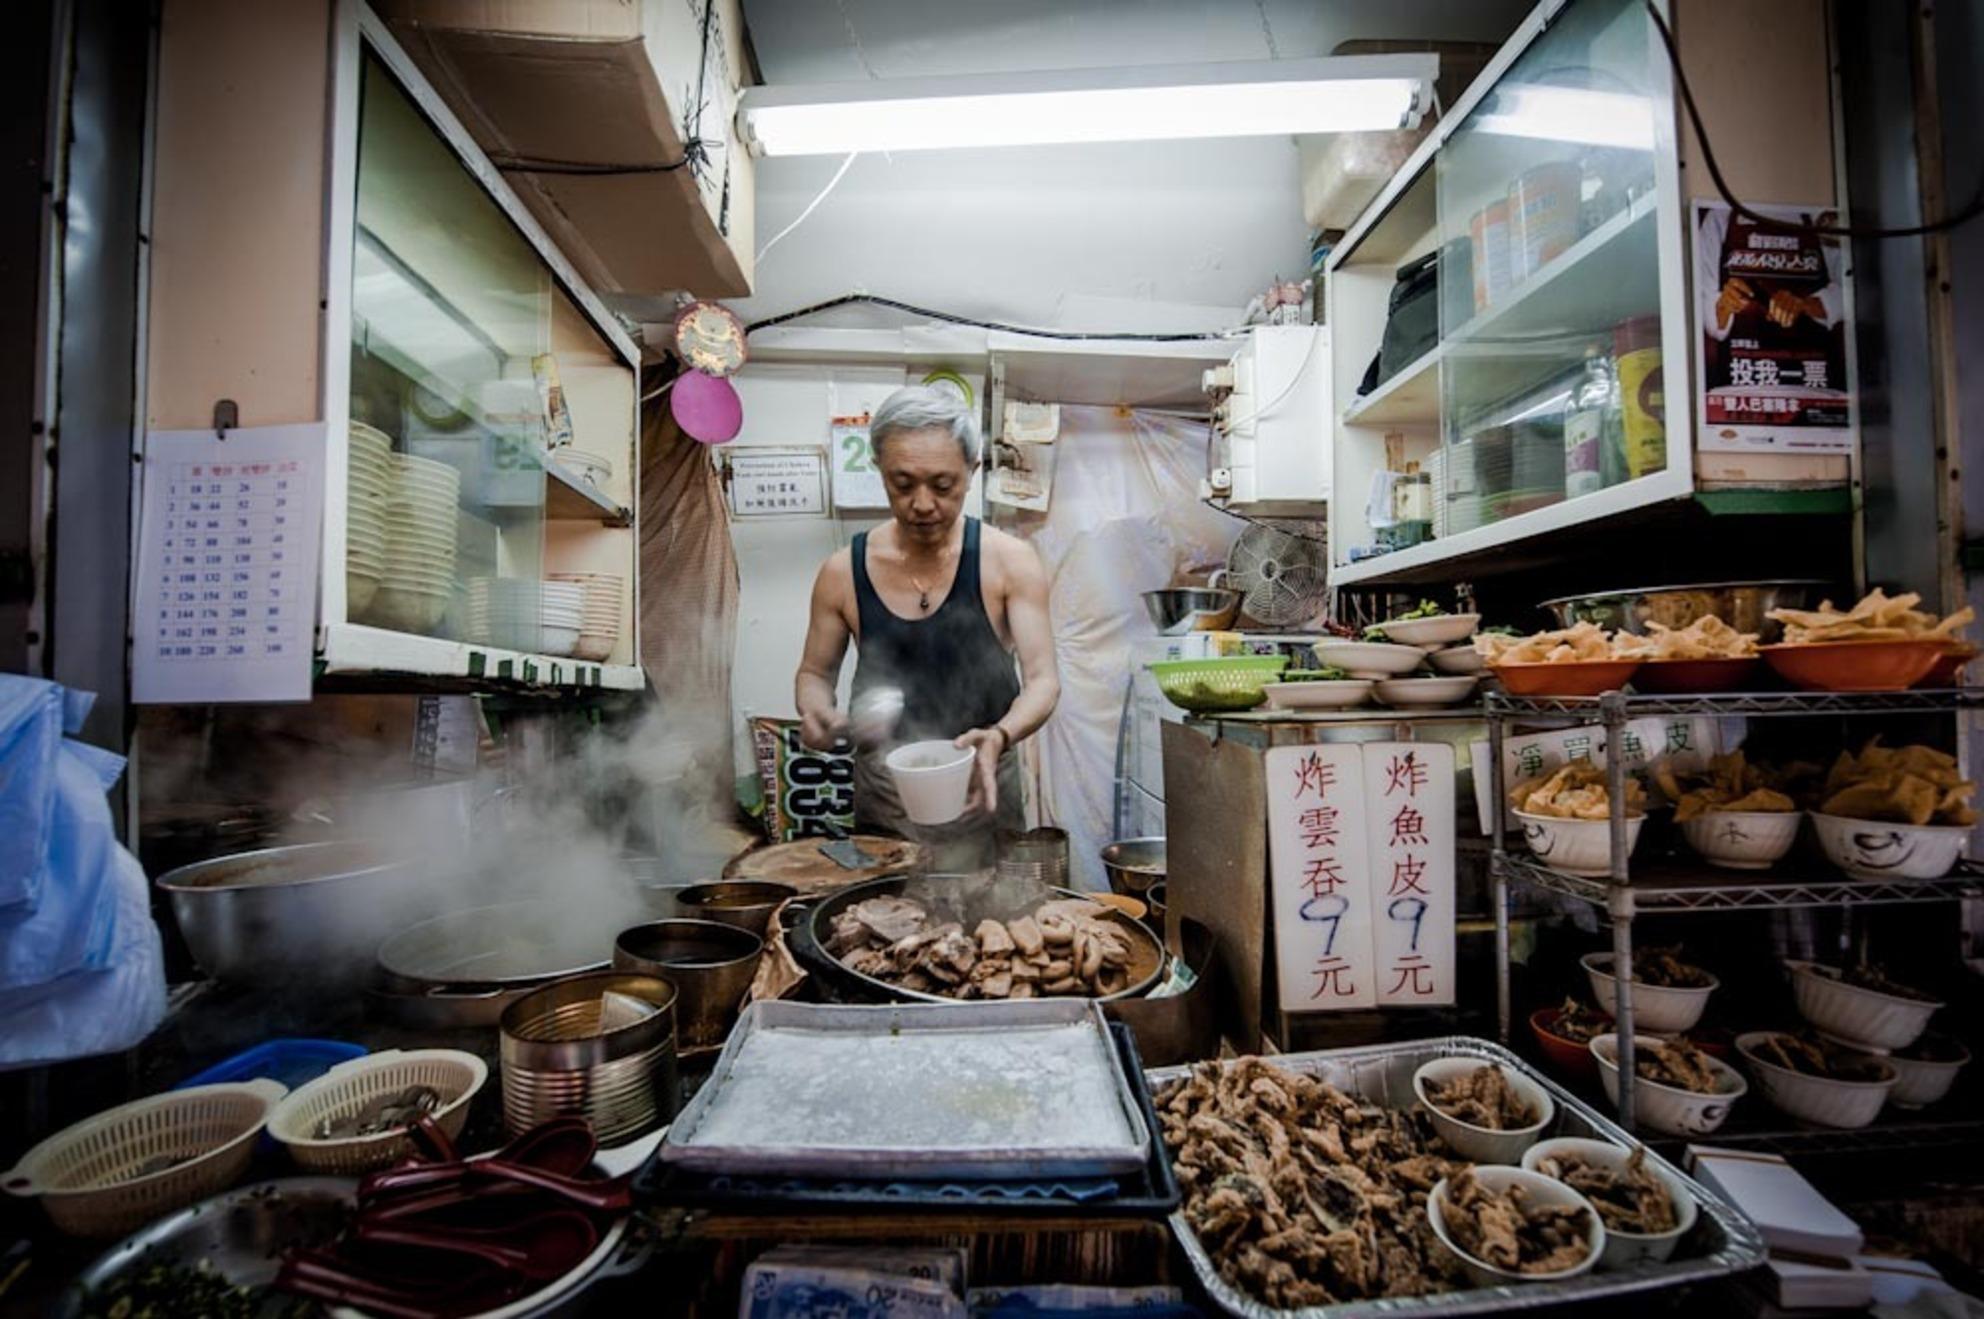 Kijkje in de keuken - Na een paar uur rondslenteren door Hong Kong kwam ik in een van de vele straatjes die deze stad rijk is dit mobiele eettentje tegen. Met wat wijzen s - foto door voss op 13-07-2012 - deze foto bevat: man, eten, portret, markt, food, keuken, china, straatbeeld, chinees, hongkong, hong kong, streetfood - Deze foto mag gebruikt worden in een Zoom.nl publicatie